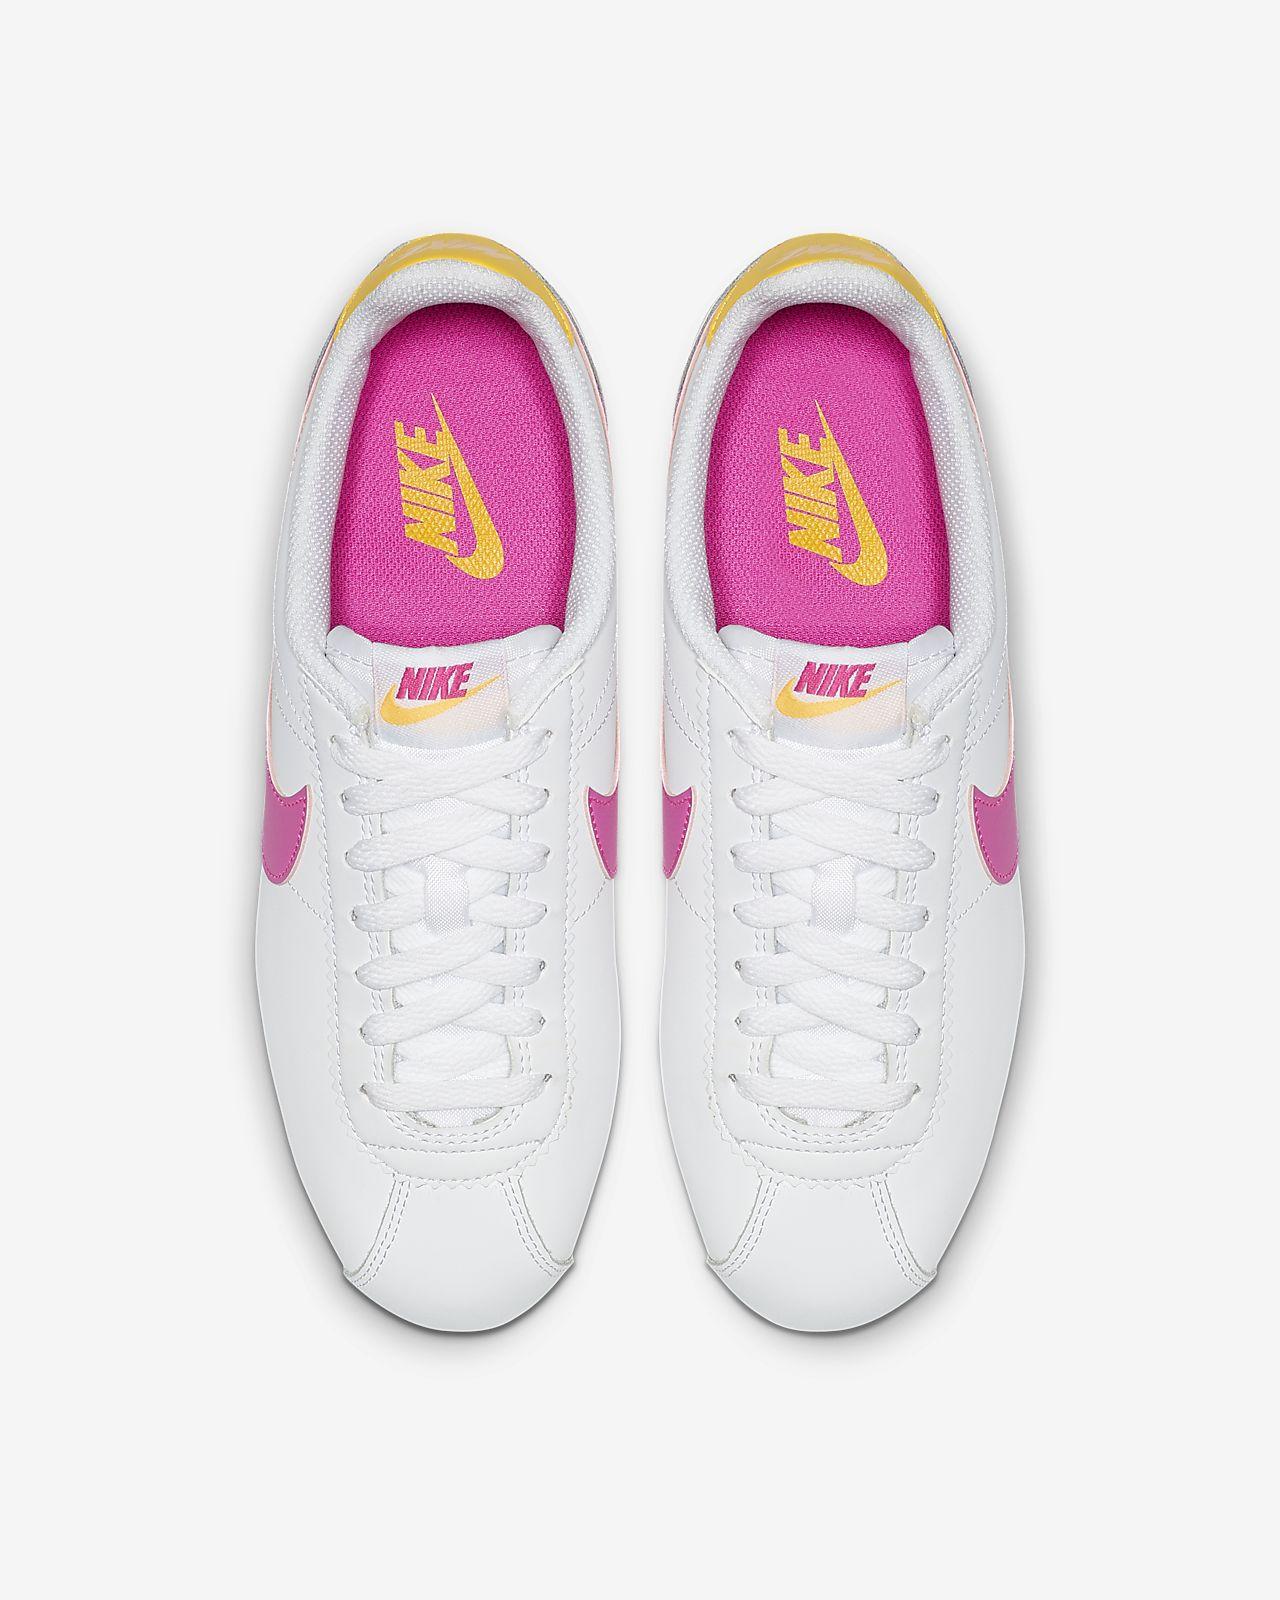 a614e615fa226 Buty damskie Nike Classic Cortez. Nike.com PL